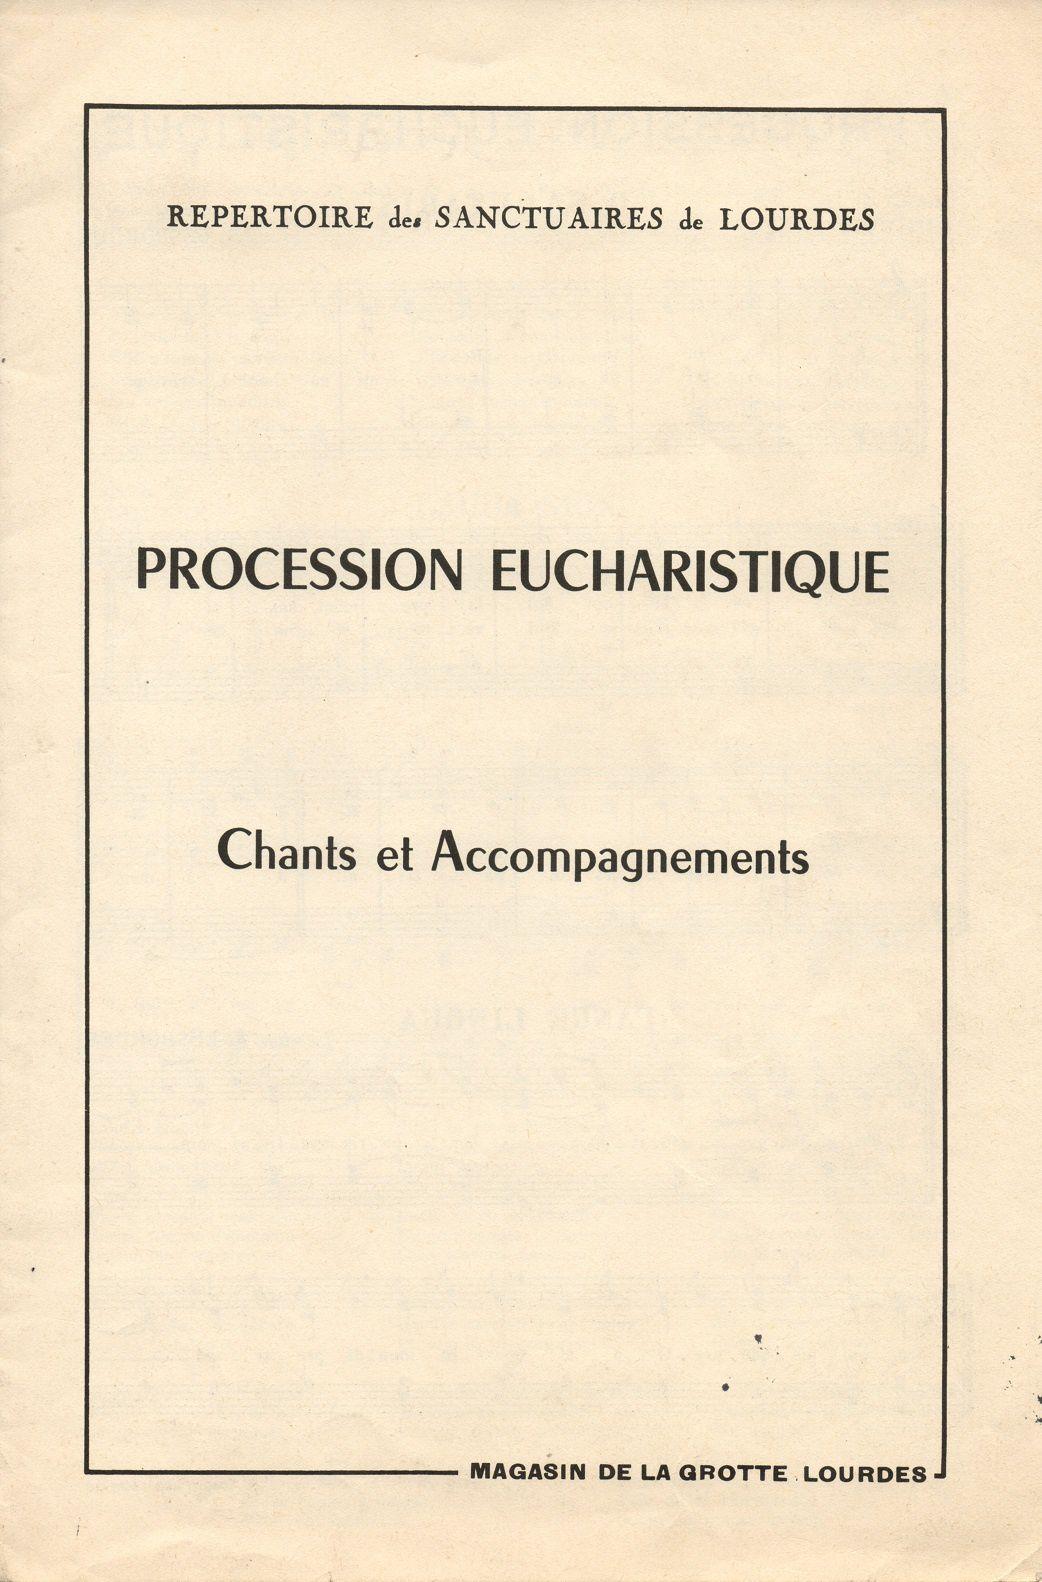 Chants pour les processions eucharistiques